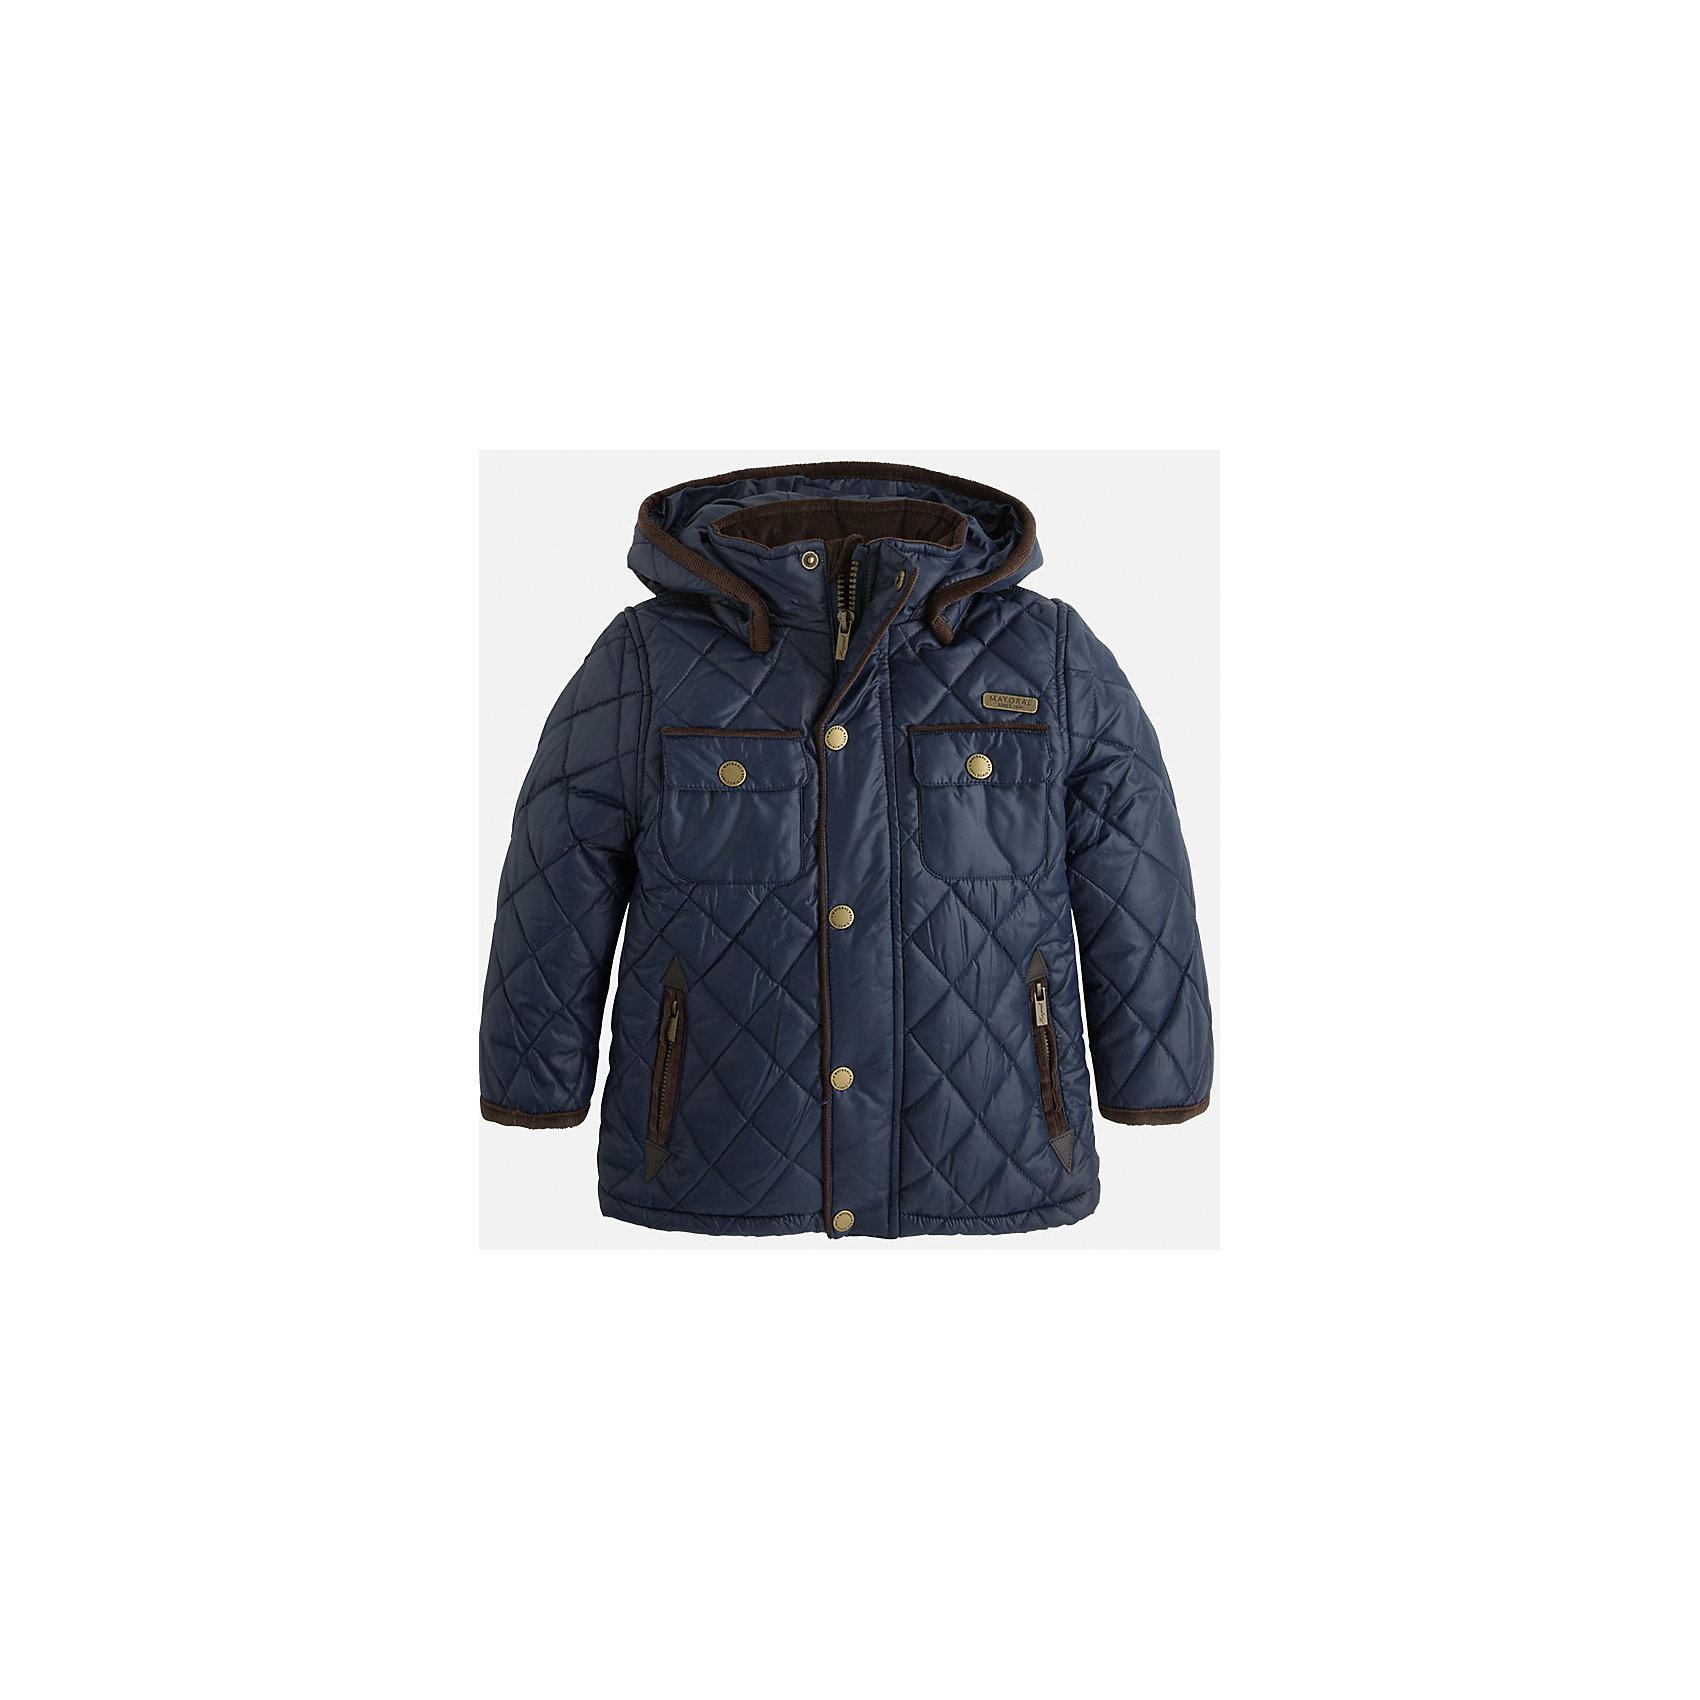 Куртка для мальчика MayoralСтильная, теплая осенняя куртка для юного джентльмена!<br>Порадуйте своего ребенка хорошим подарком!<br><br>Дополнительная информация:<br><br>- Крой: прямой крой, слегка расклешен к низу.<br>- Страна бренда: Испания.<br>- Состав: <br>Верхняя ткань: полиэстер 100%.<br>Подкладка: полиэстер 100%.<br>Наполнитель: полиэстер 100%.<br>- Цвет: темно-синий.<br>- Уход: бережная стирка при 30 градусах.<br><br>Купить куртку для мальчика Mayoral можно в нашем магазине.<br><br>Ширина мм: 356<br>Глубина мм: 10<br>Высота мм: 245<br>Вес г: 519<br>Цвет: синий<br>Возраст от месяцев: 72<br>Возраст до месяцев: 84<br>Пол: Мужской<br>Возраст: Детский<br>Размер: 122,104,110,116,128,134,98<br>SKU: 4821913